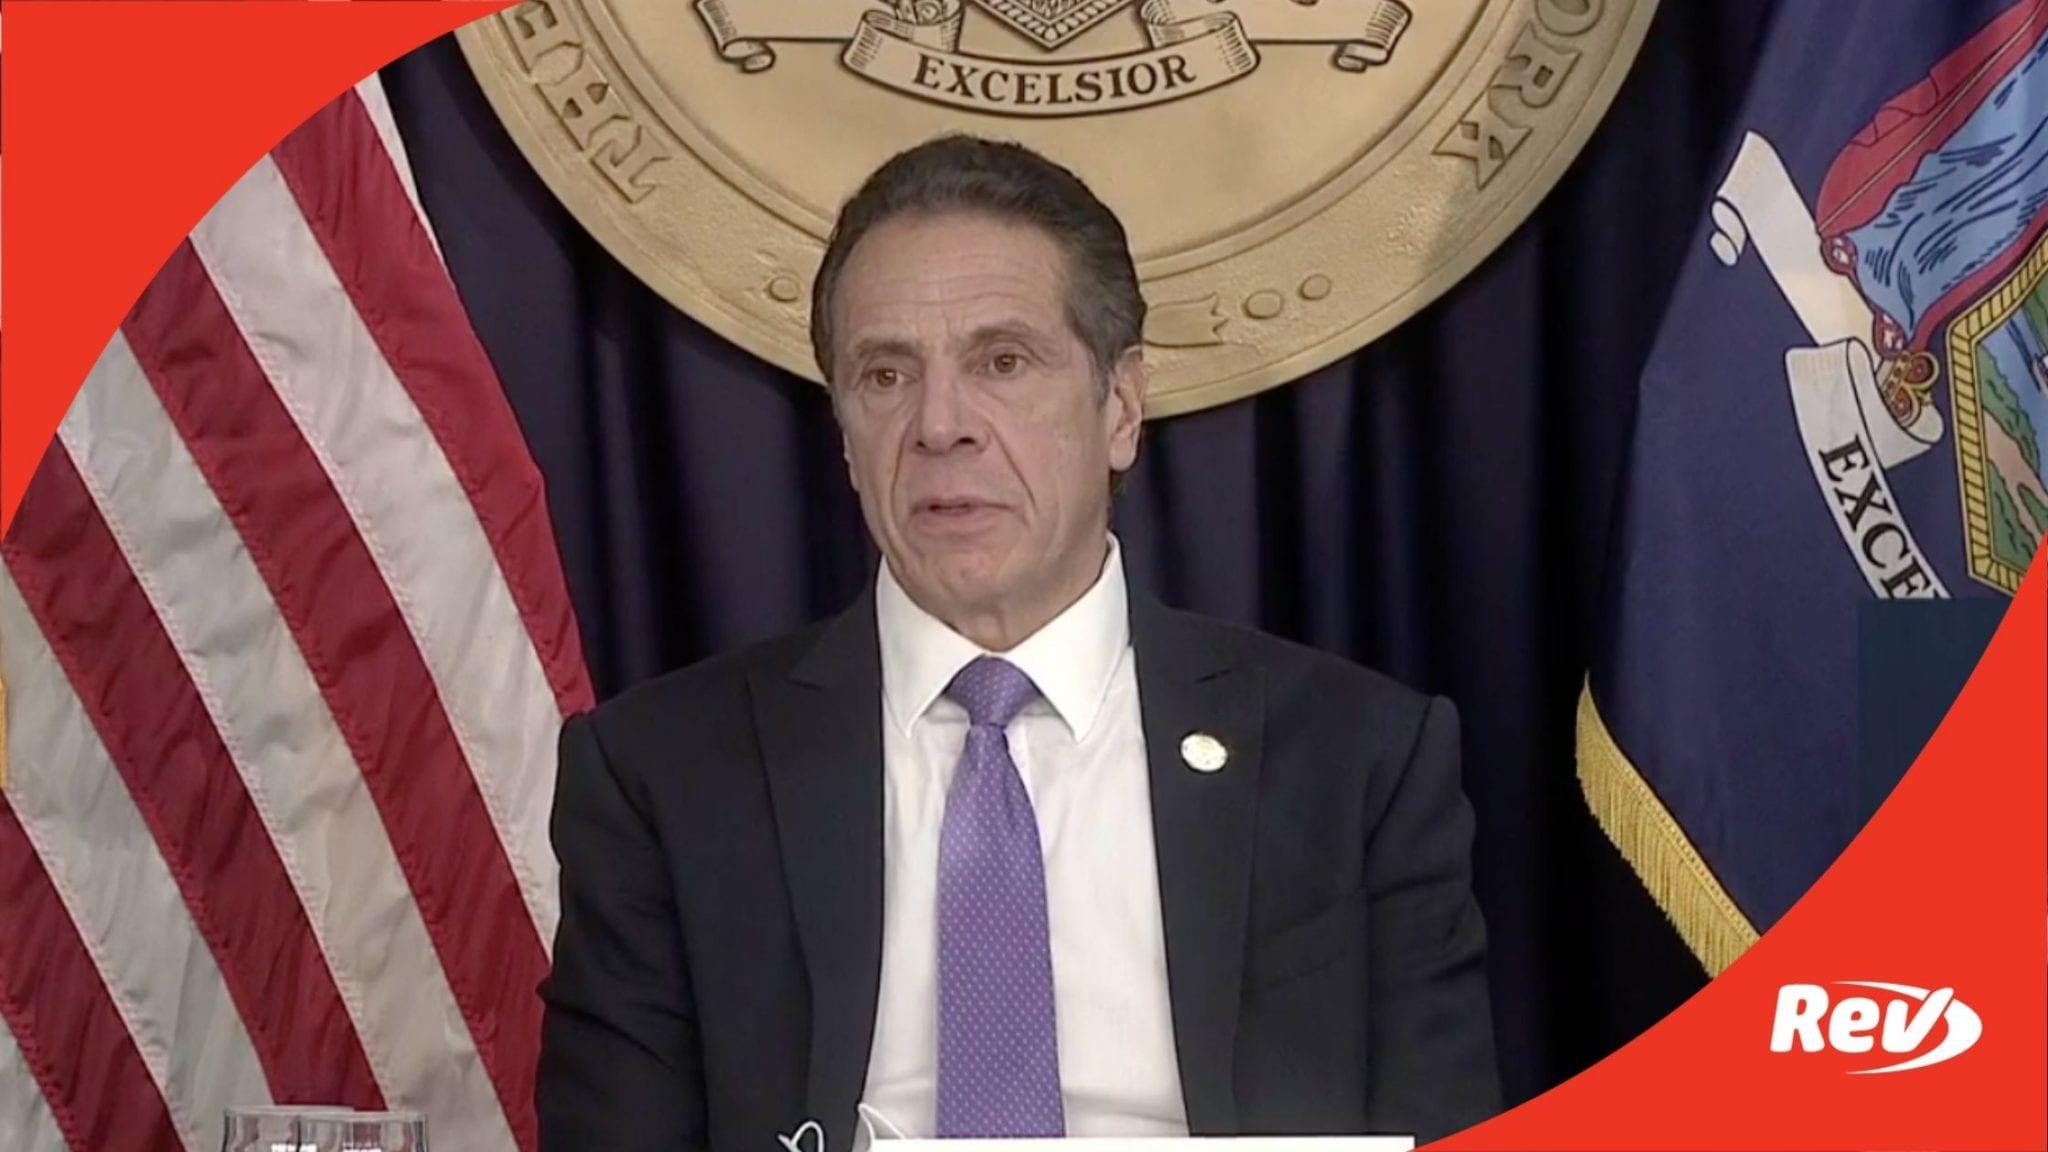 New York Gov. Andrew Cuomo COVID-19 Press Conference Transcript November 23